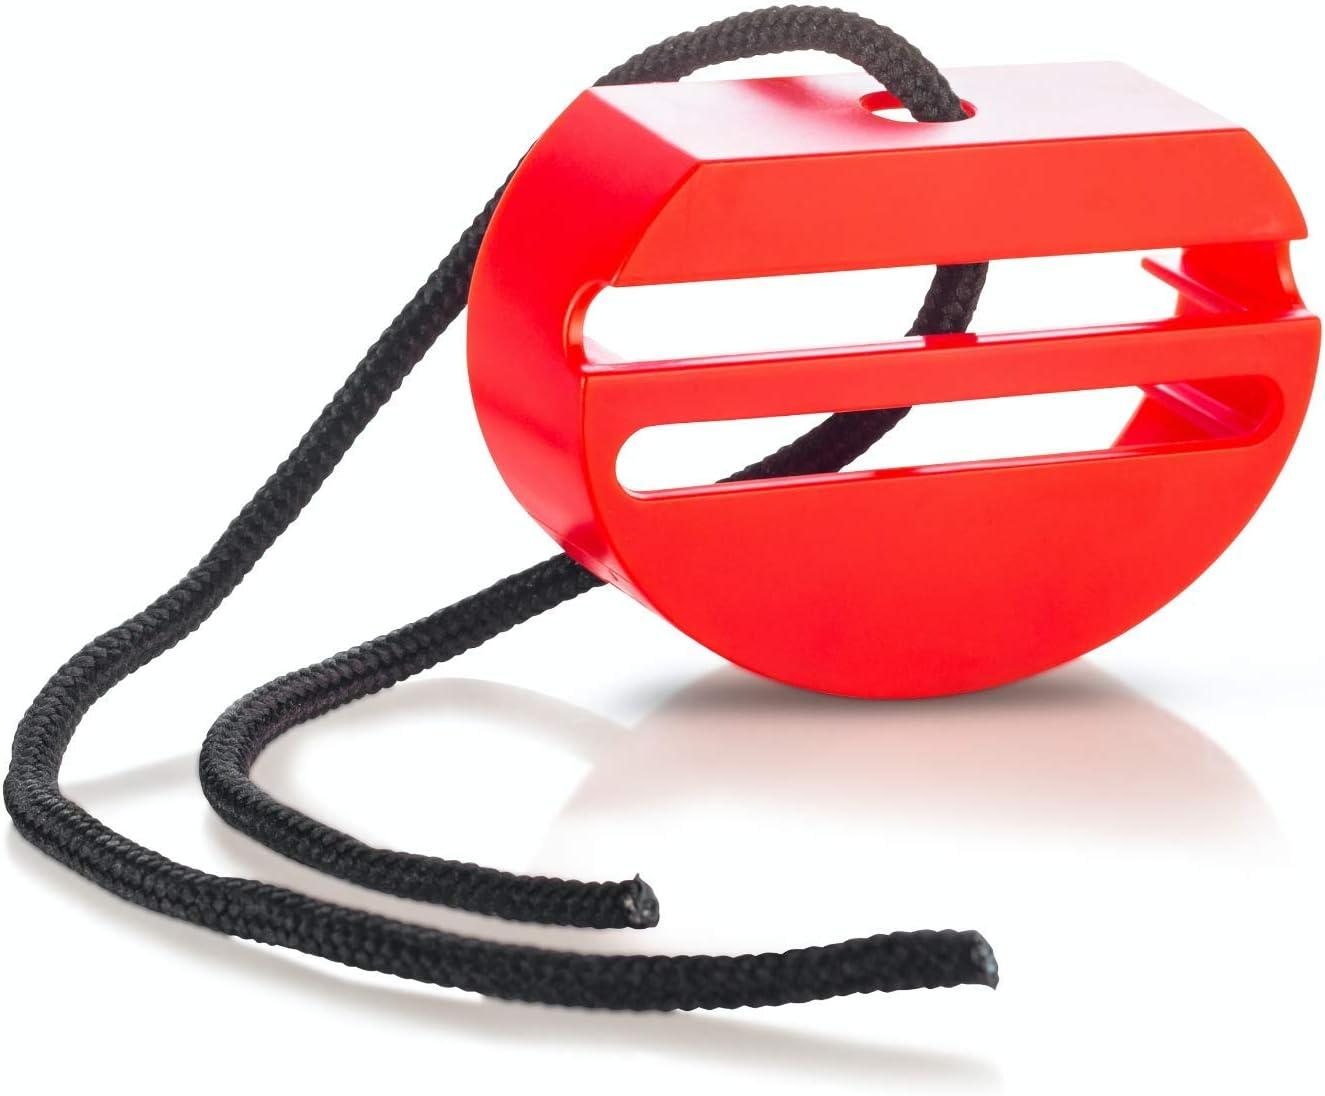 Wididi Pinza de bloqueo para el cinturón de seguridad del coche – Protector de ajuste universal para mantener abrochado el cinturón de seguridad – Accesorios de autos – Rojo